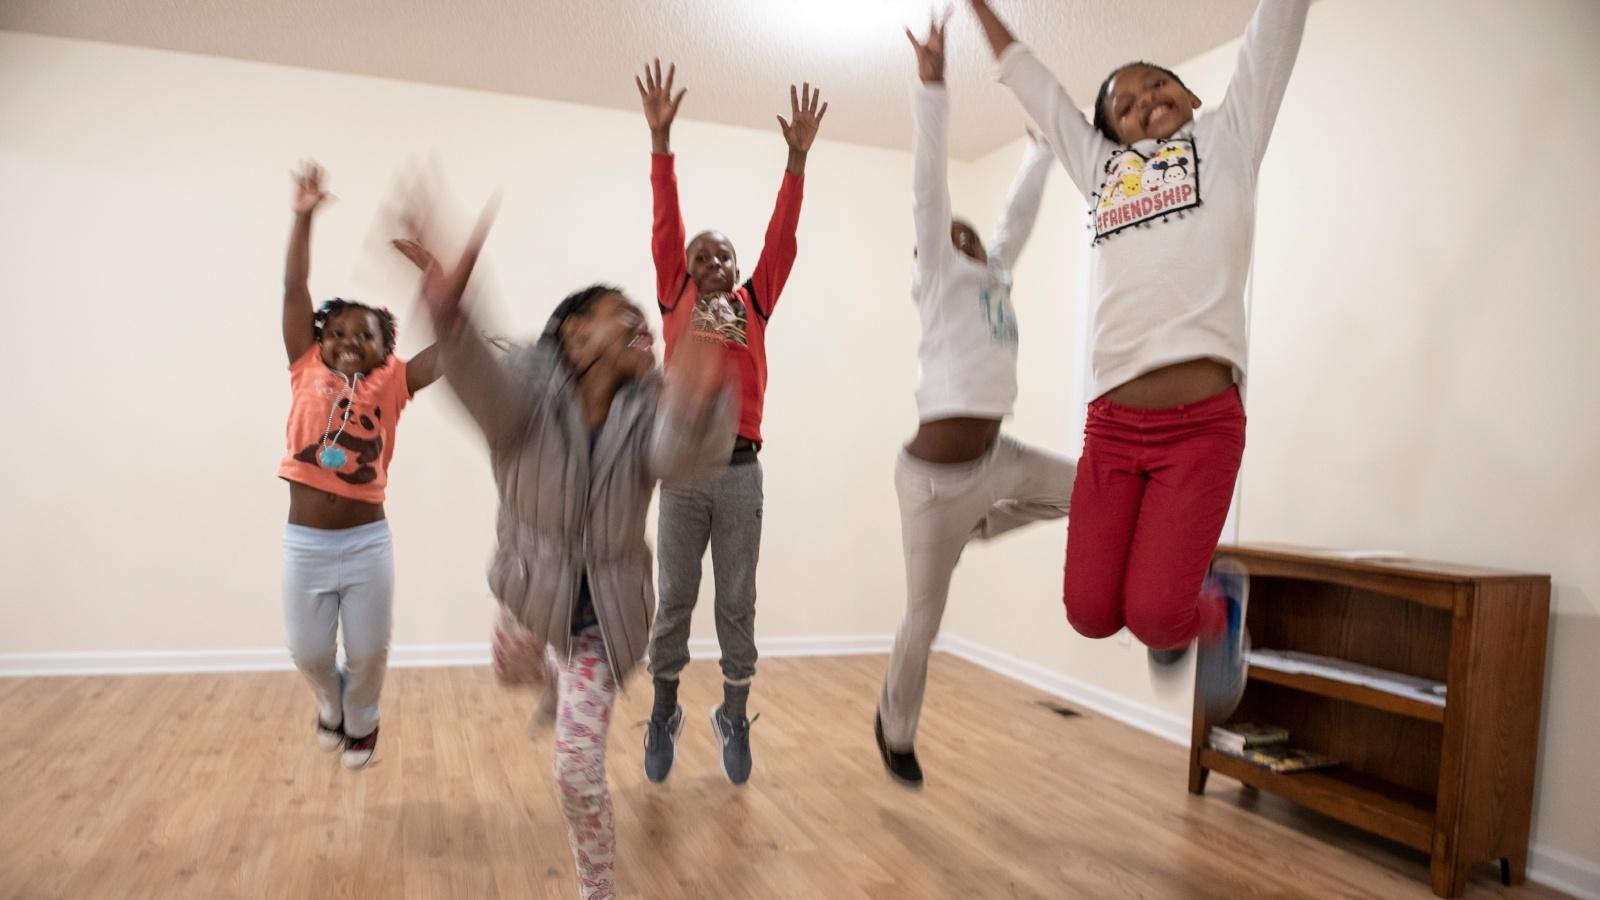 Kids jumping at a home dedication